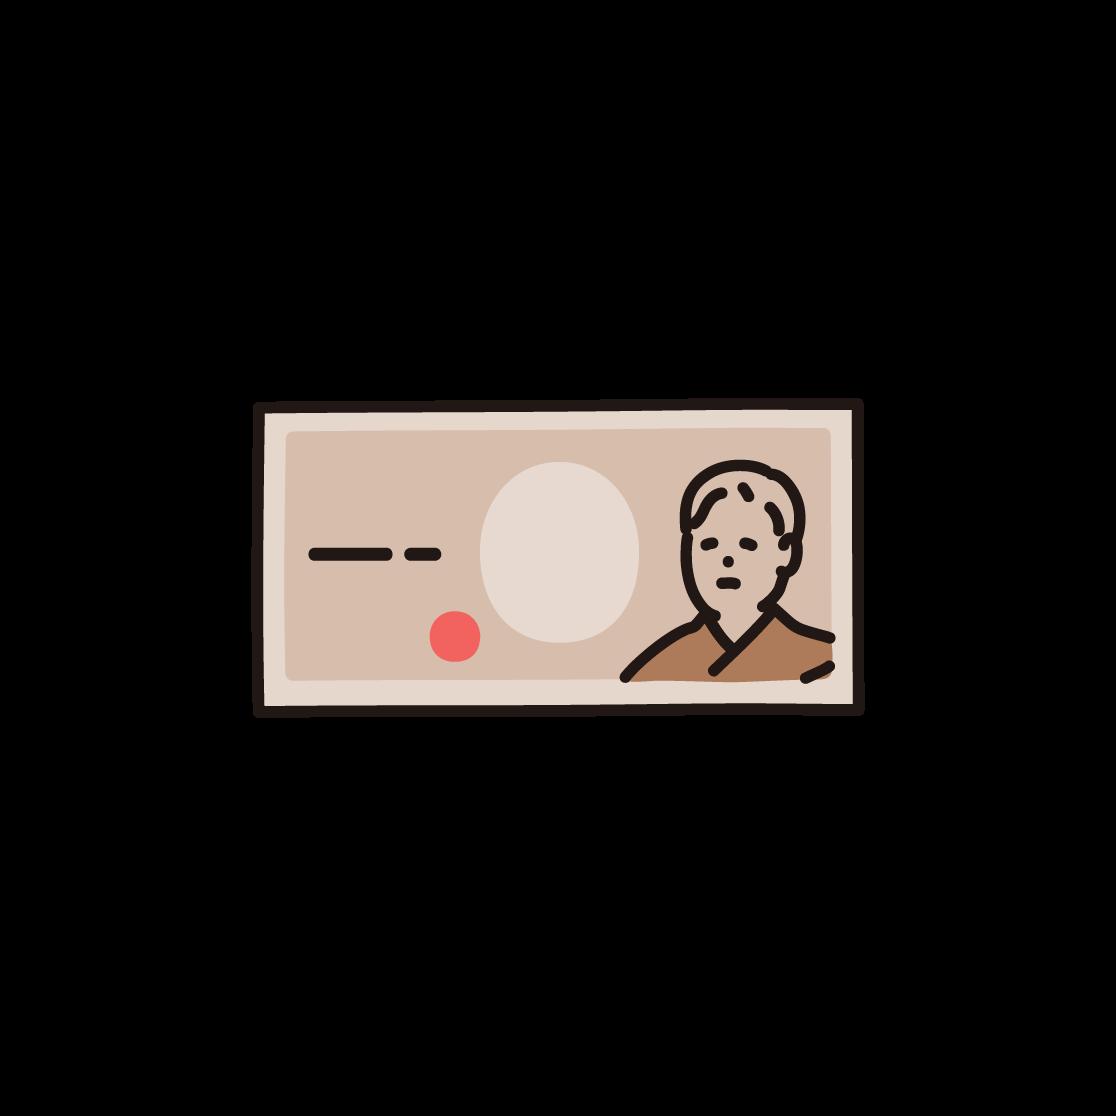 紙幣のイラスト